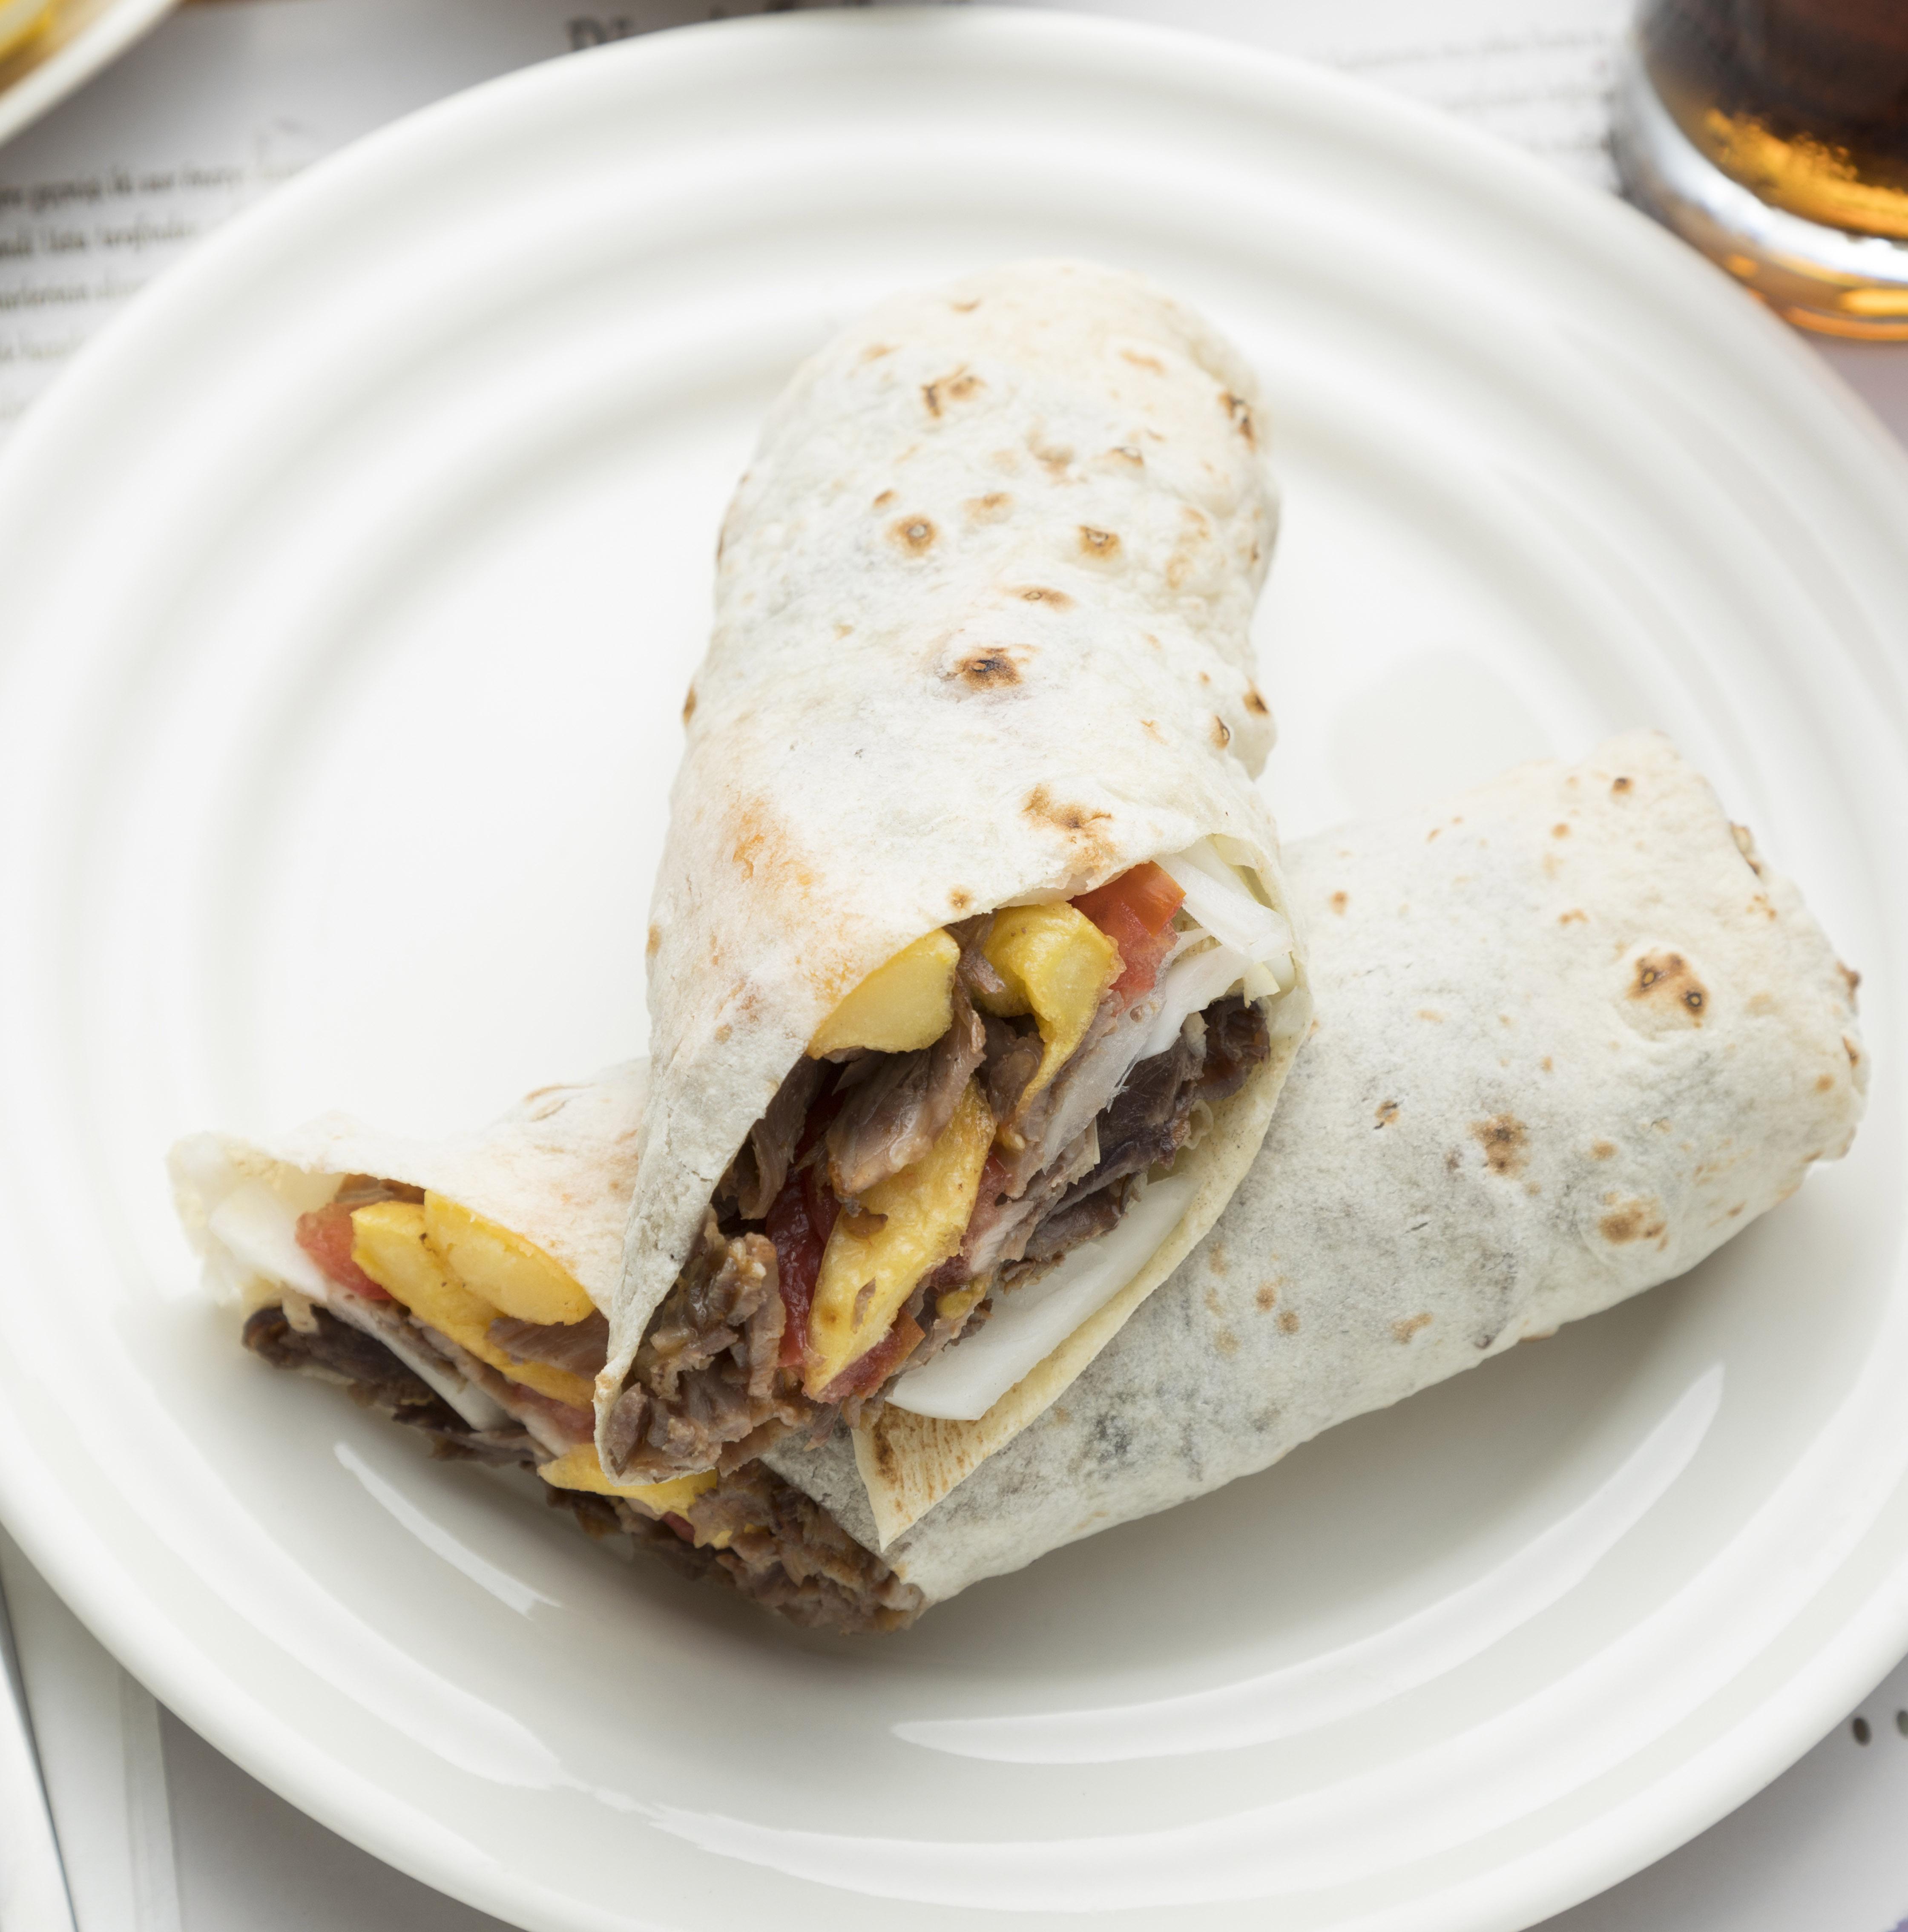 Dürüm Döner / Doner Kebab Wrap